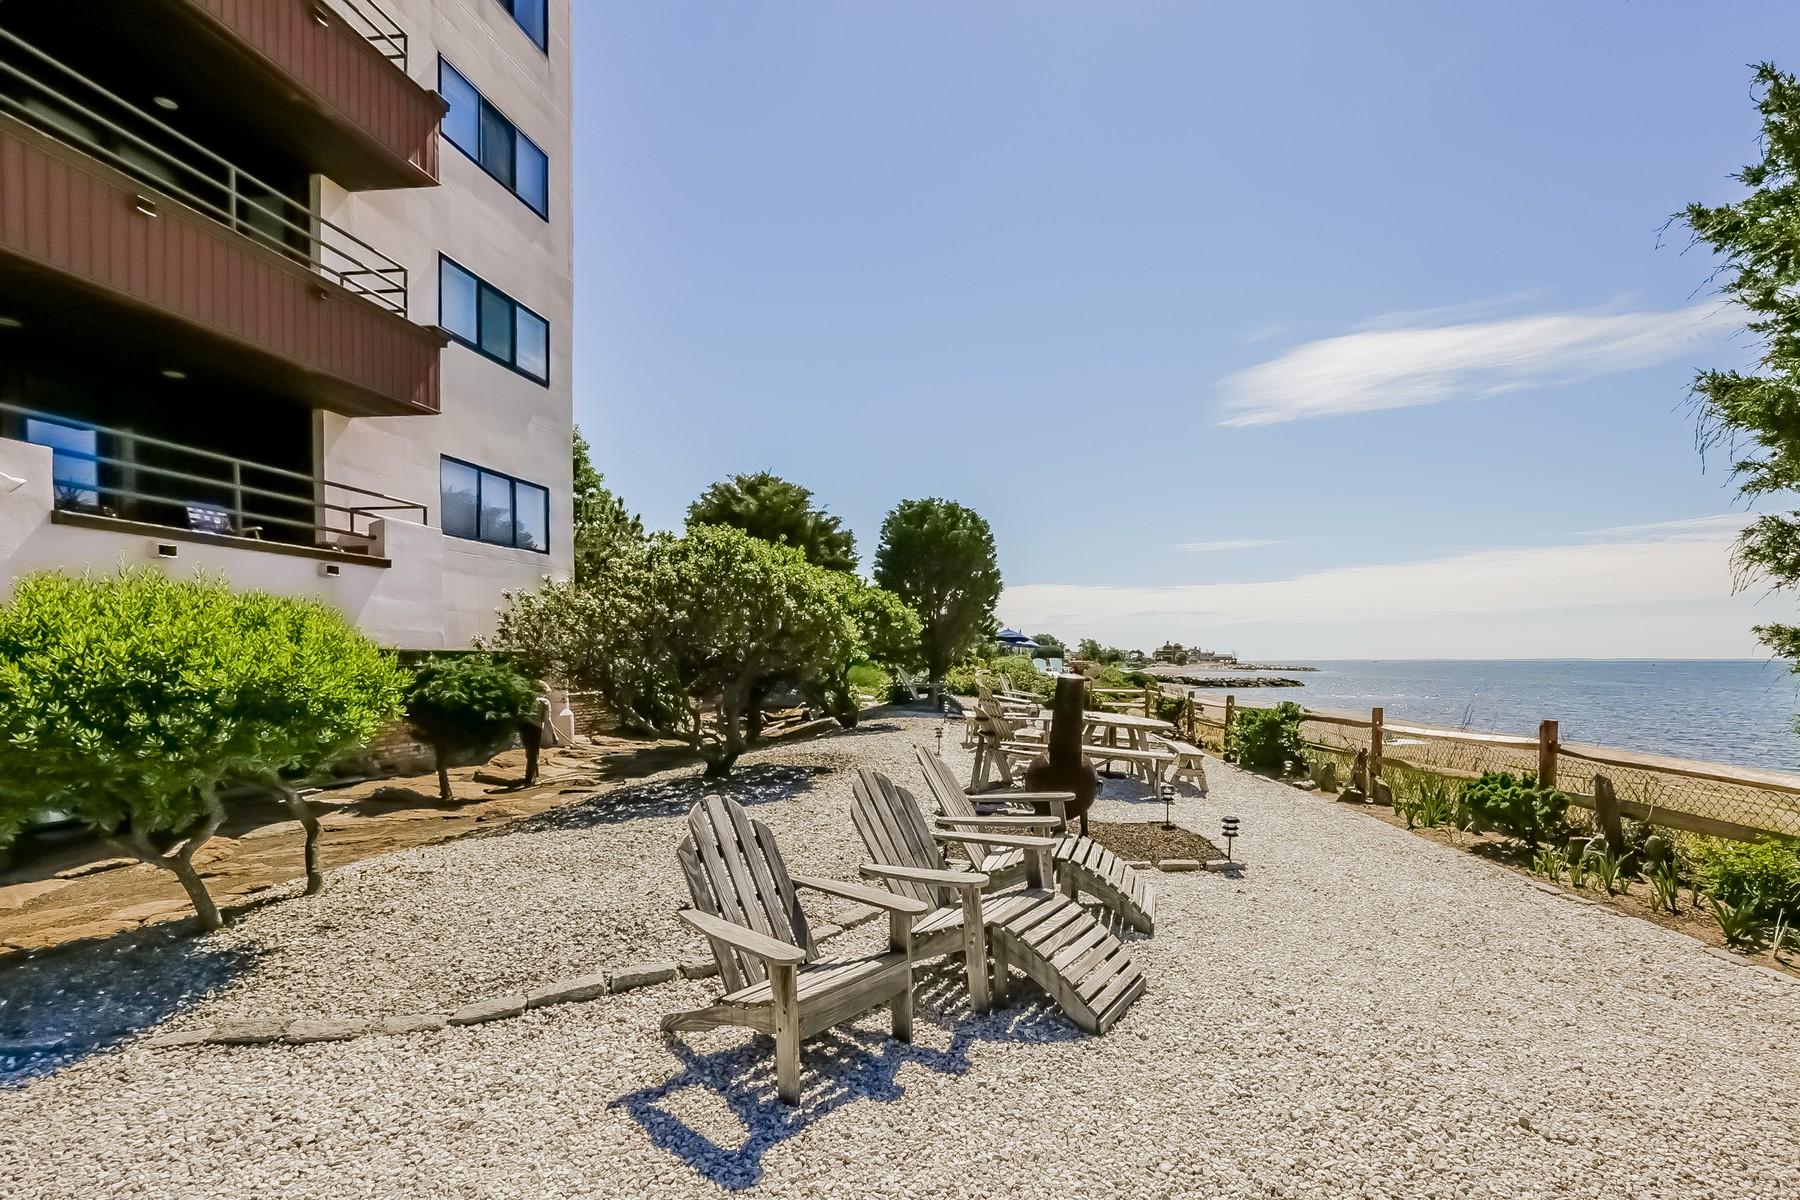 단독 가정 주택 용 매매 에 Chic Updated Beachfront Front Condo 10 Pine Creek Avenue 301W Fairfield, 코네티컷 06824 미국